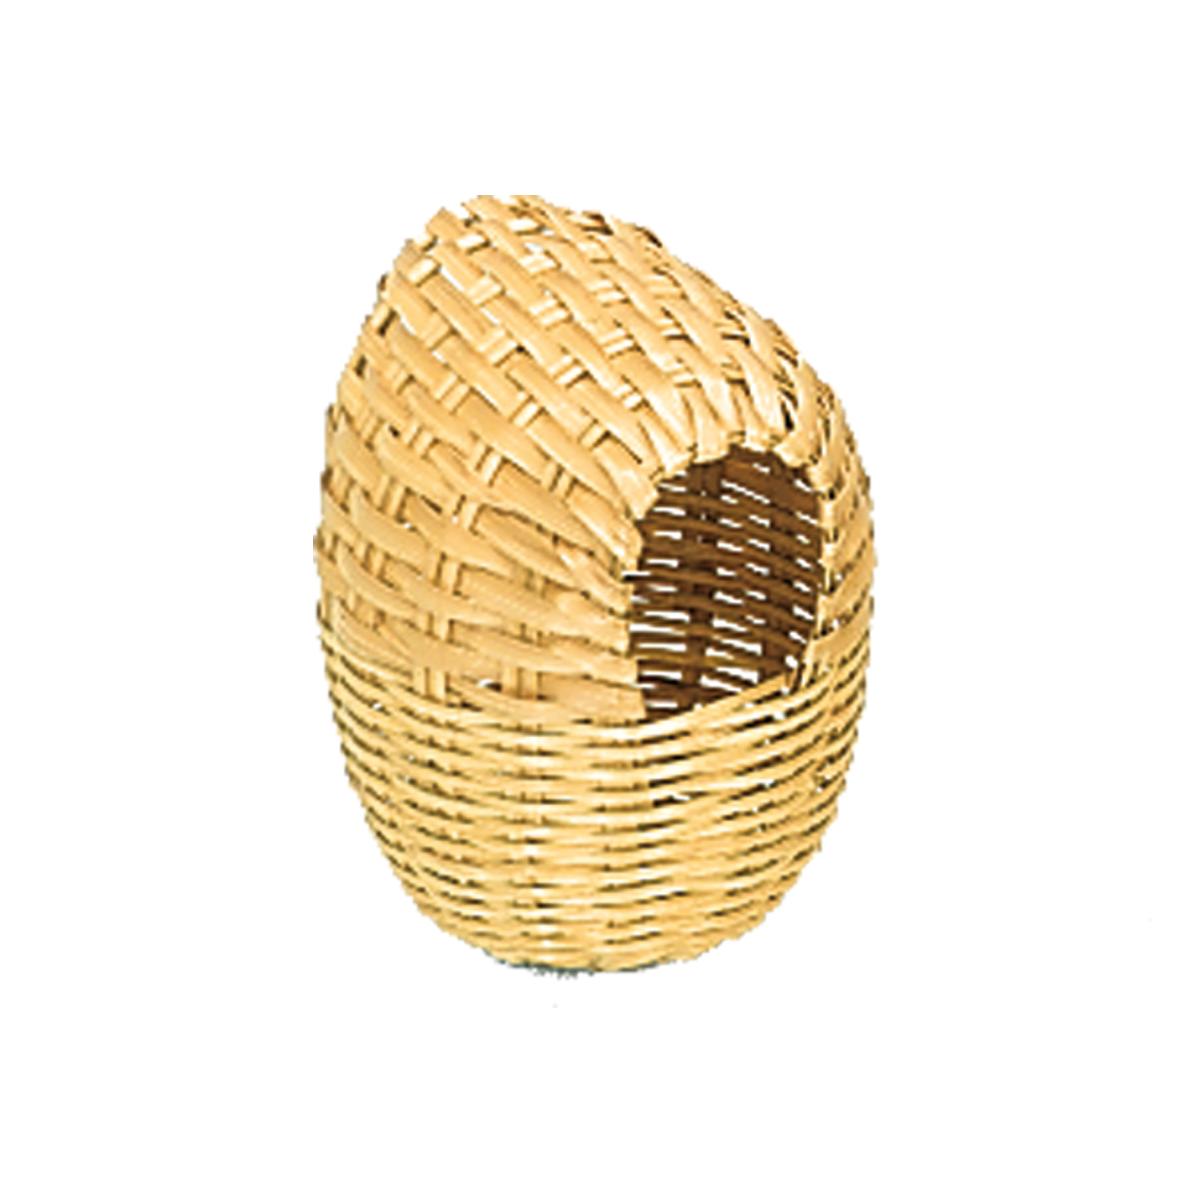 Nest korf bruin